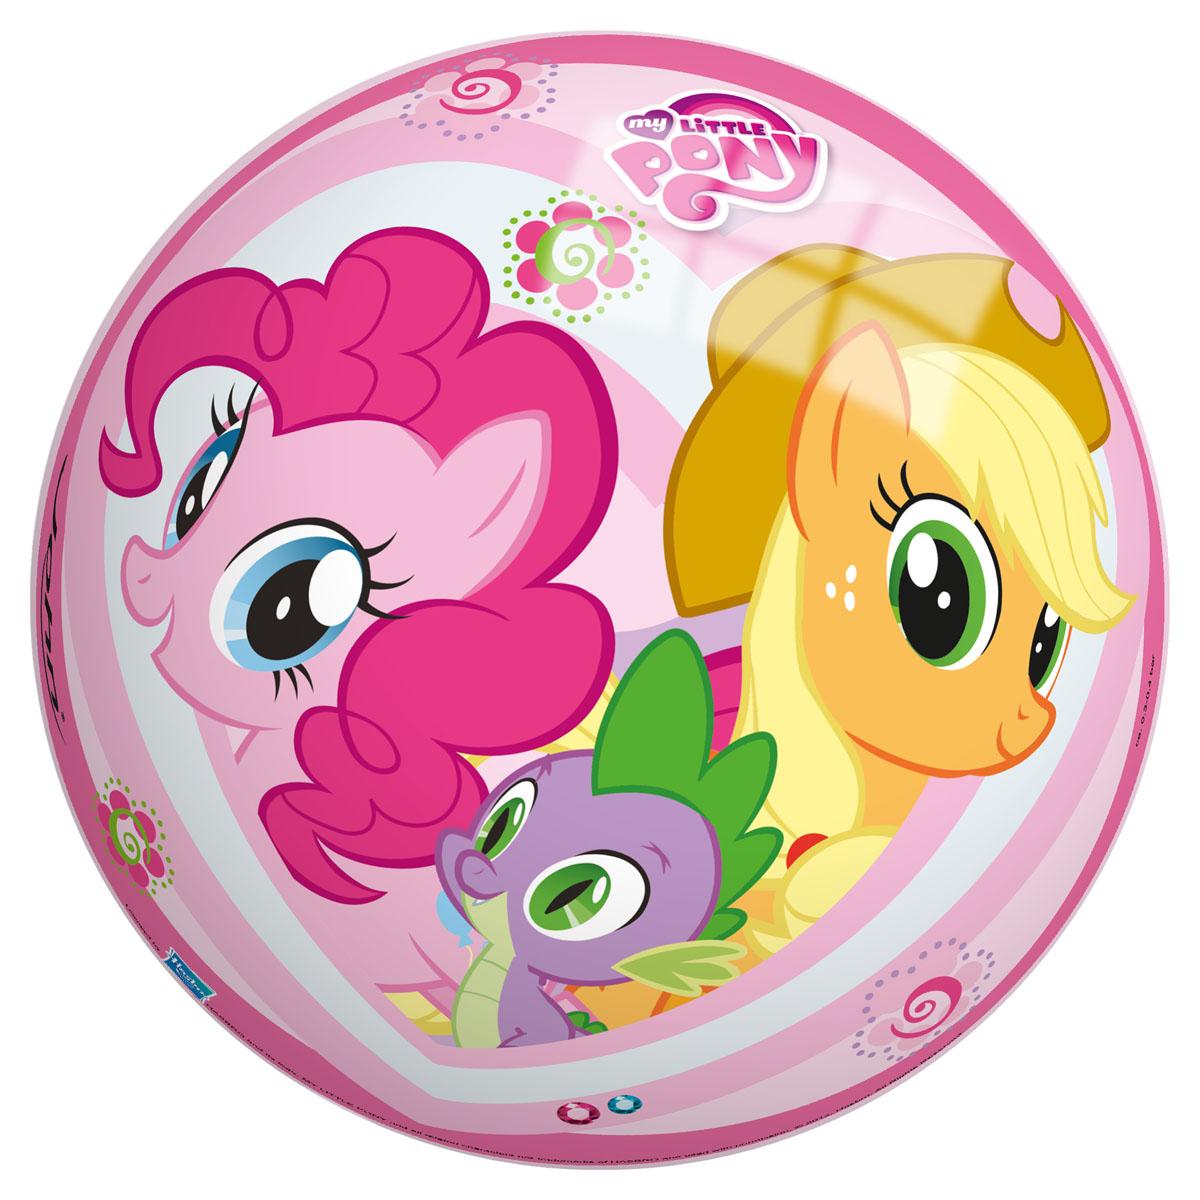 """Яркий детский мяч John """"Моя маленькая пони"""" - это игрушка для детей любого возраста. Он выполнен из ПВХ и оформлен изображением персонажей мультфильма """"My Little Pony"""". Мяч незаменим для любителей подвижных игр и активного отдыха, подходит для игр на воде. Игры с мячом развивают координацию движений, способствуют физическому развитию ребенка. УВАЖАЕМЫЕ КЛИЕНТЫ! Просим вас обратить внимание на тот факт, что мяч поставляется в сдутом виде и надувается при помощи насоса (насос не входит в комплект)."""